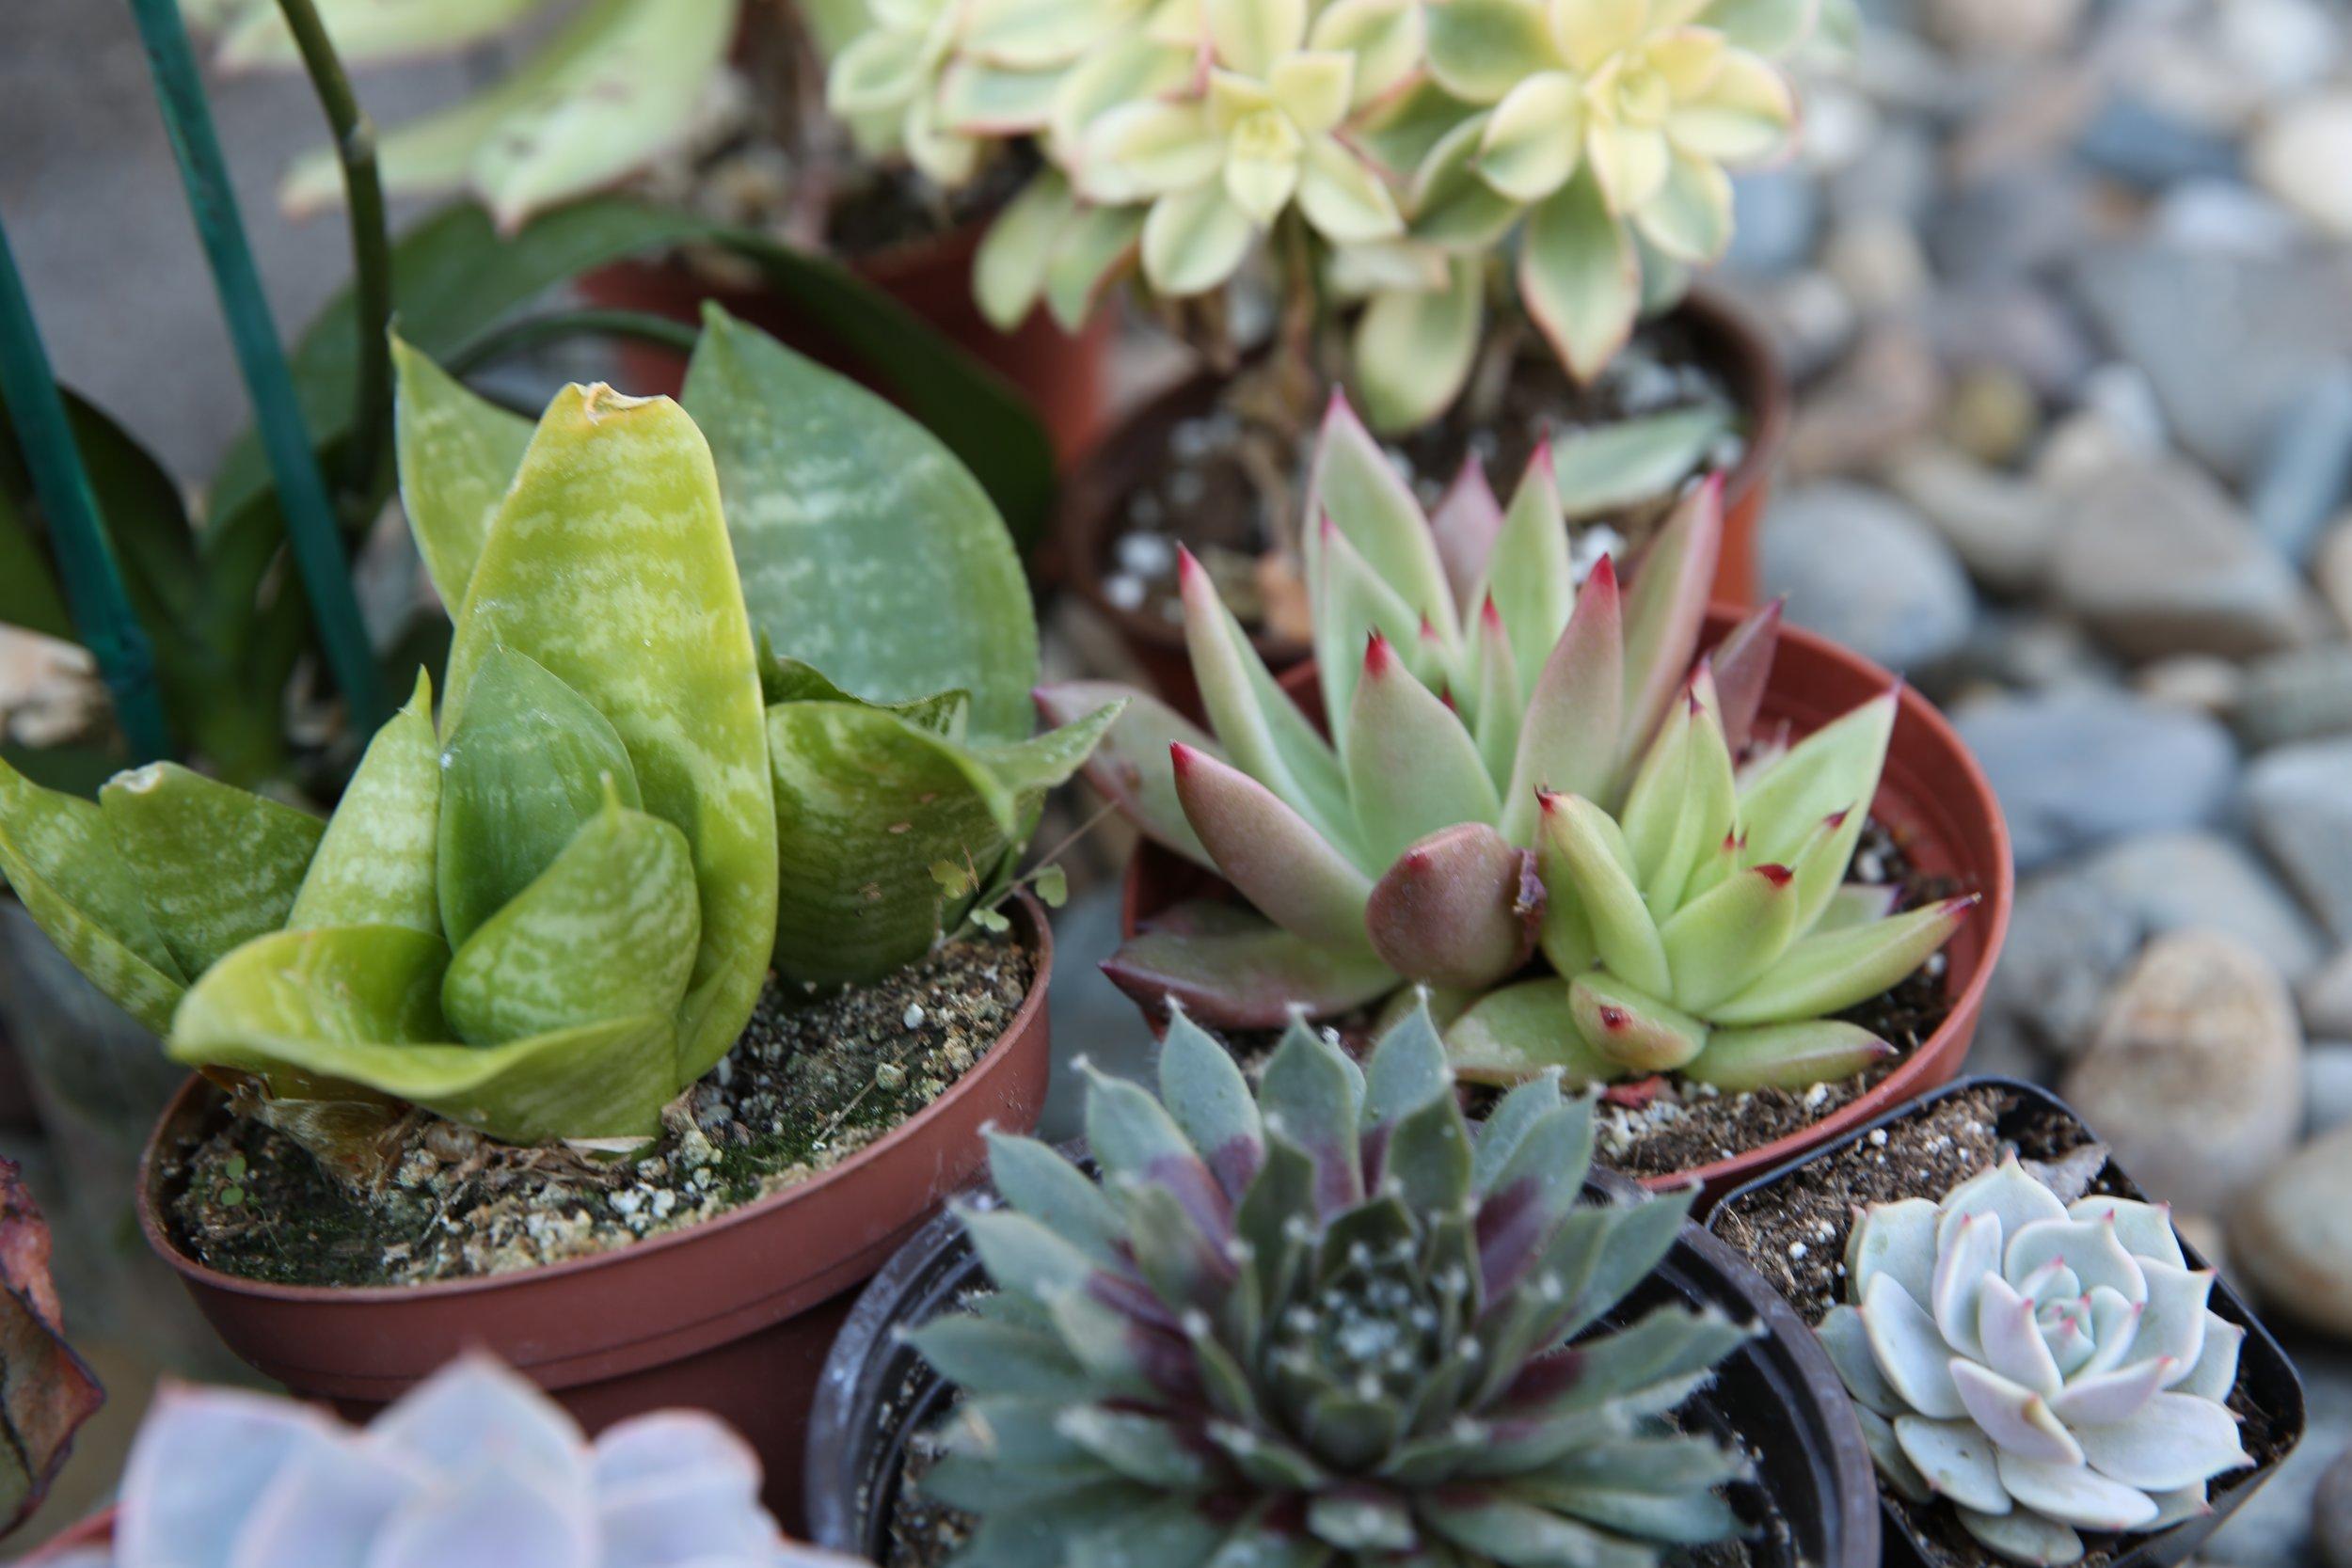 Los-Angeles-Flower-Market_KL2A1650.jpg